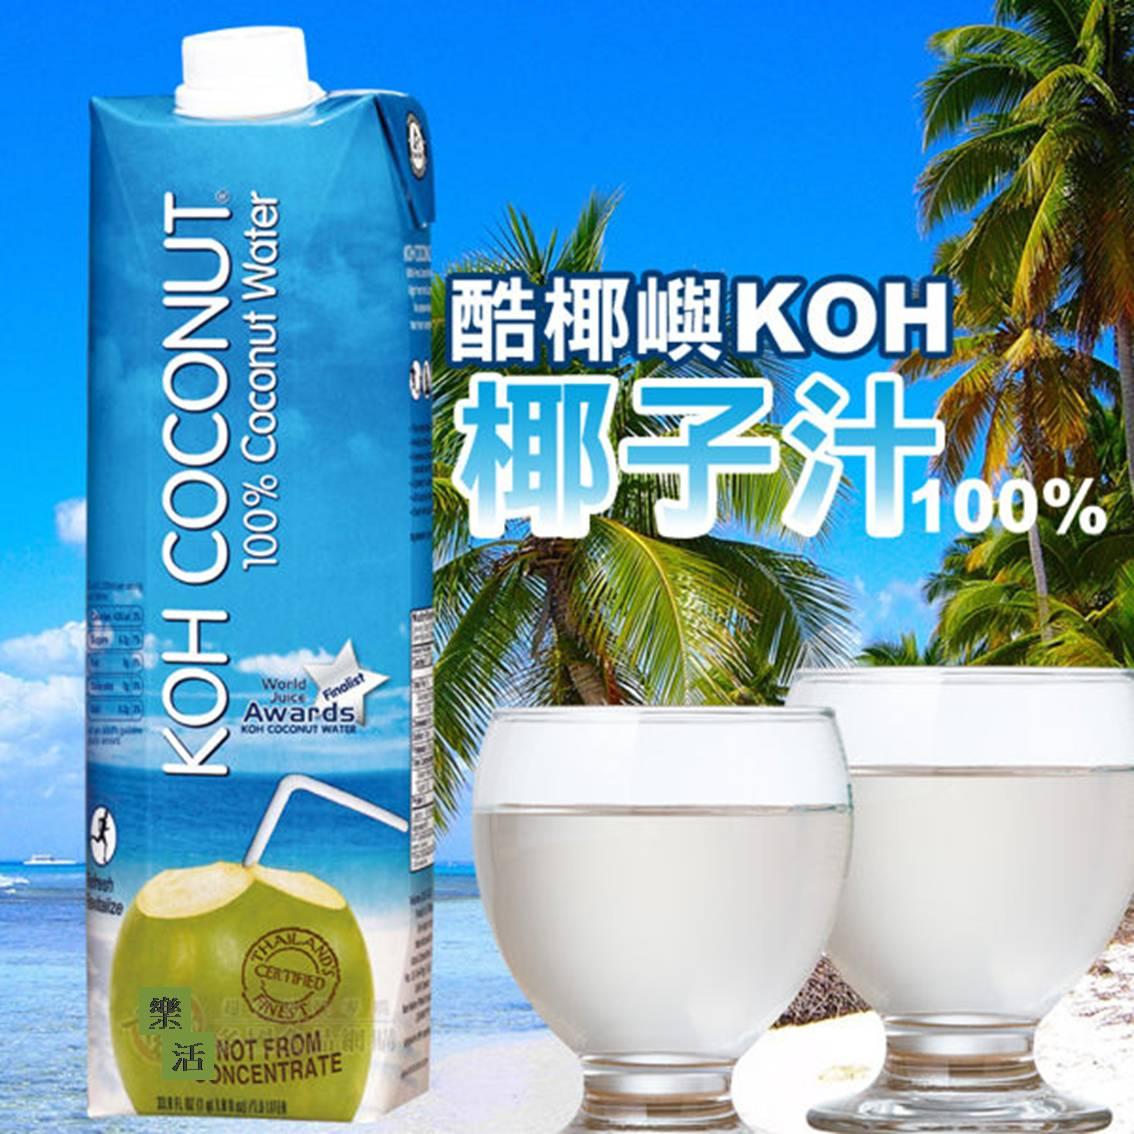 泰國酷椰嶼KOH 100%純椰子汁  樂活生活館